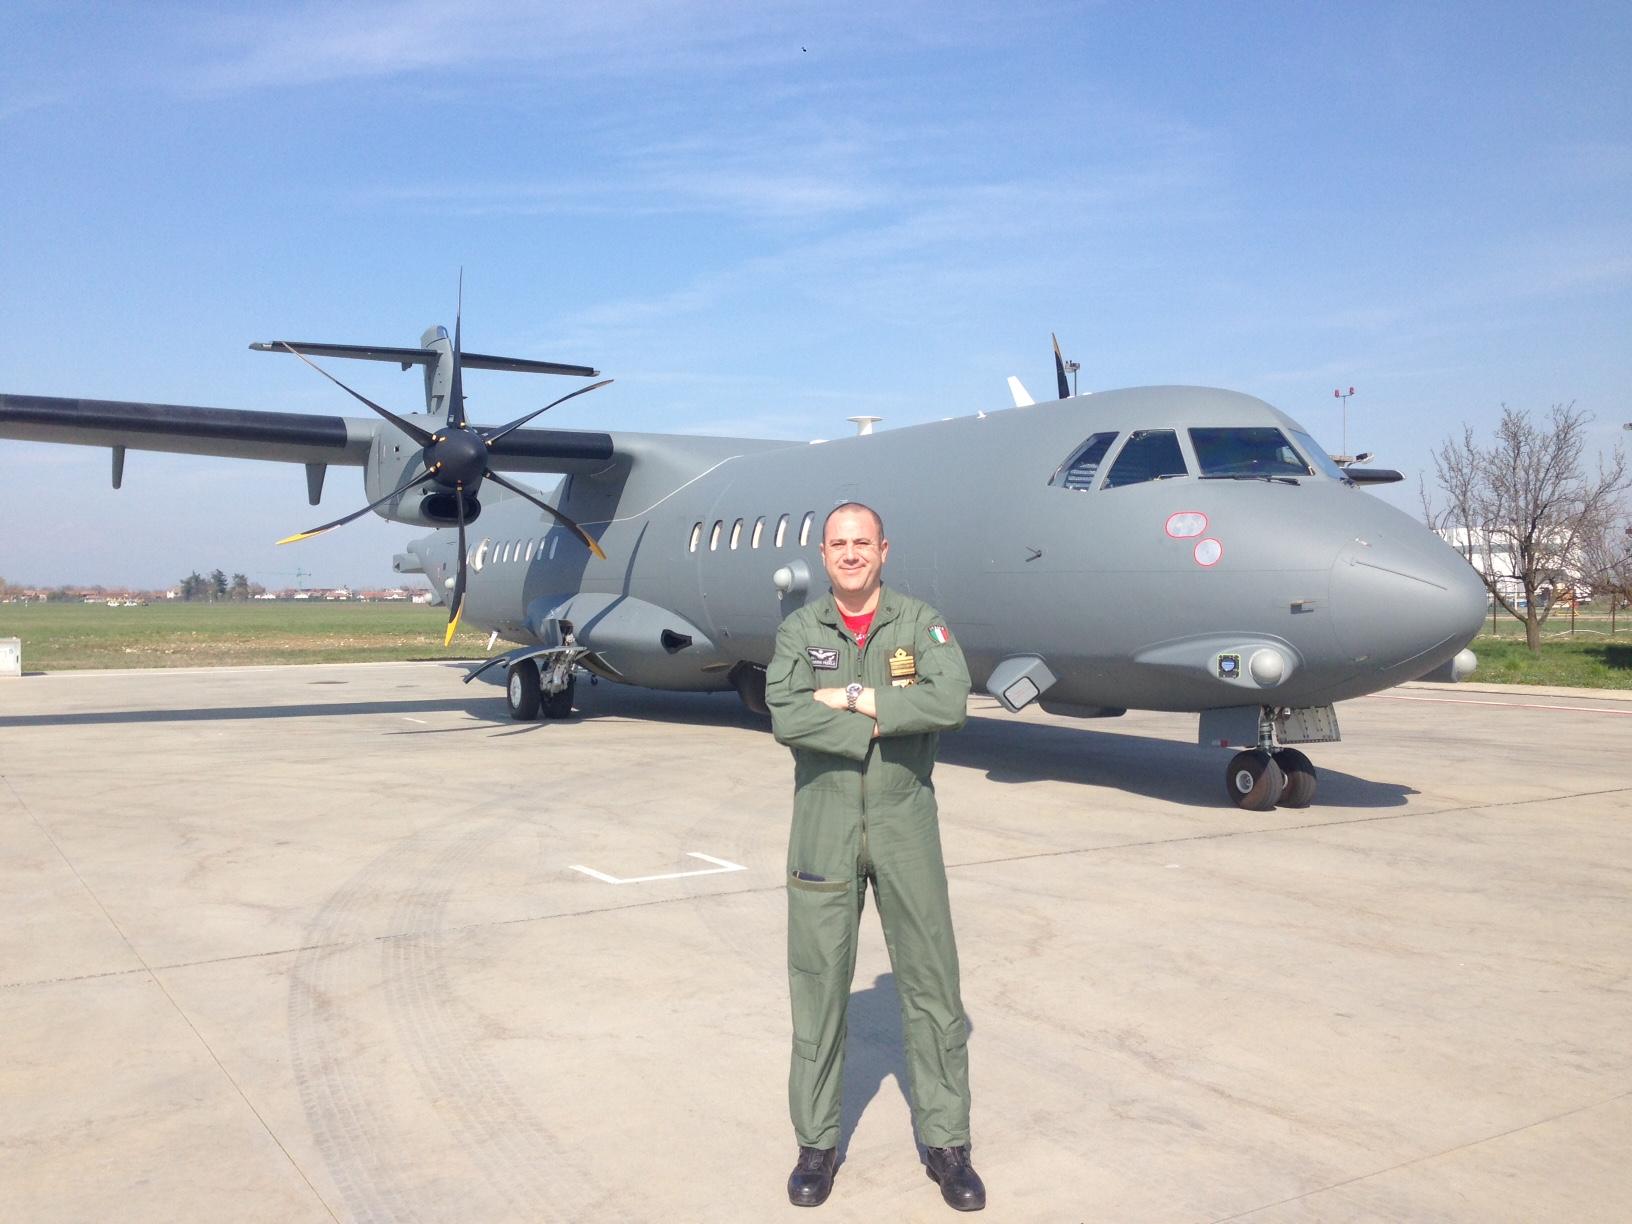 Sigonella saluta il Breguet P-1150 Atlantic e presenta il nuovo gioiello ATR P-72A | Emergency Live 6